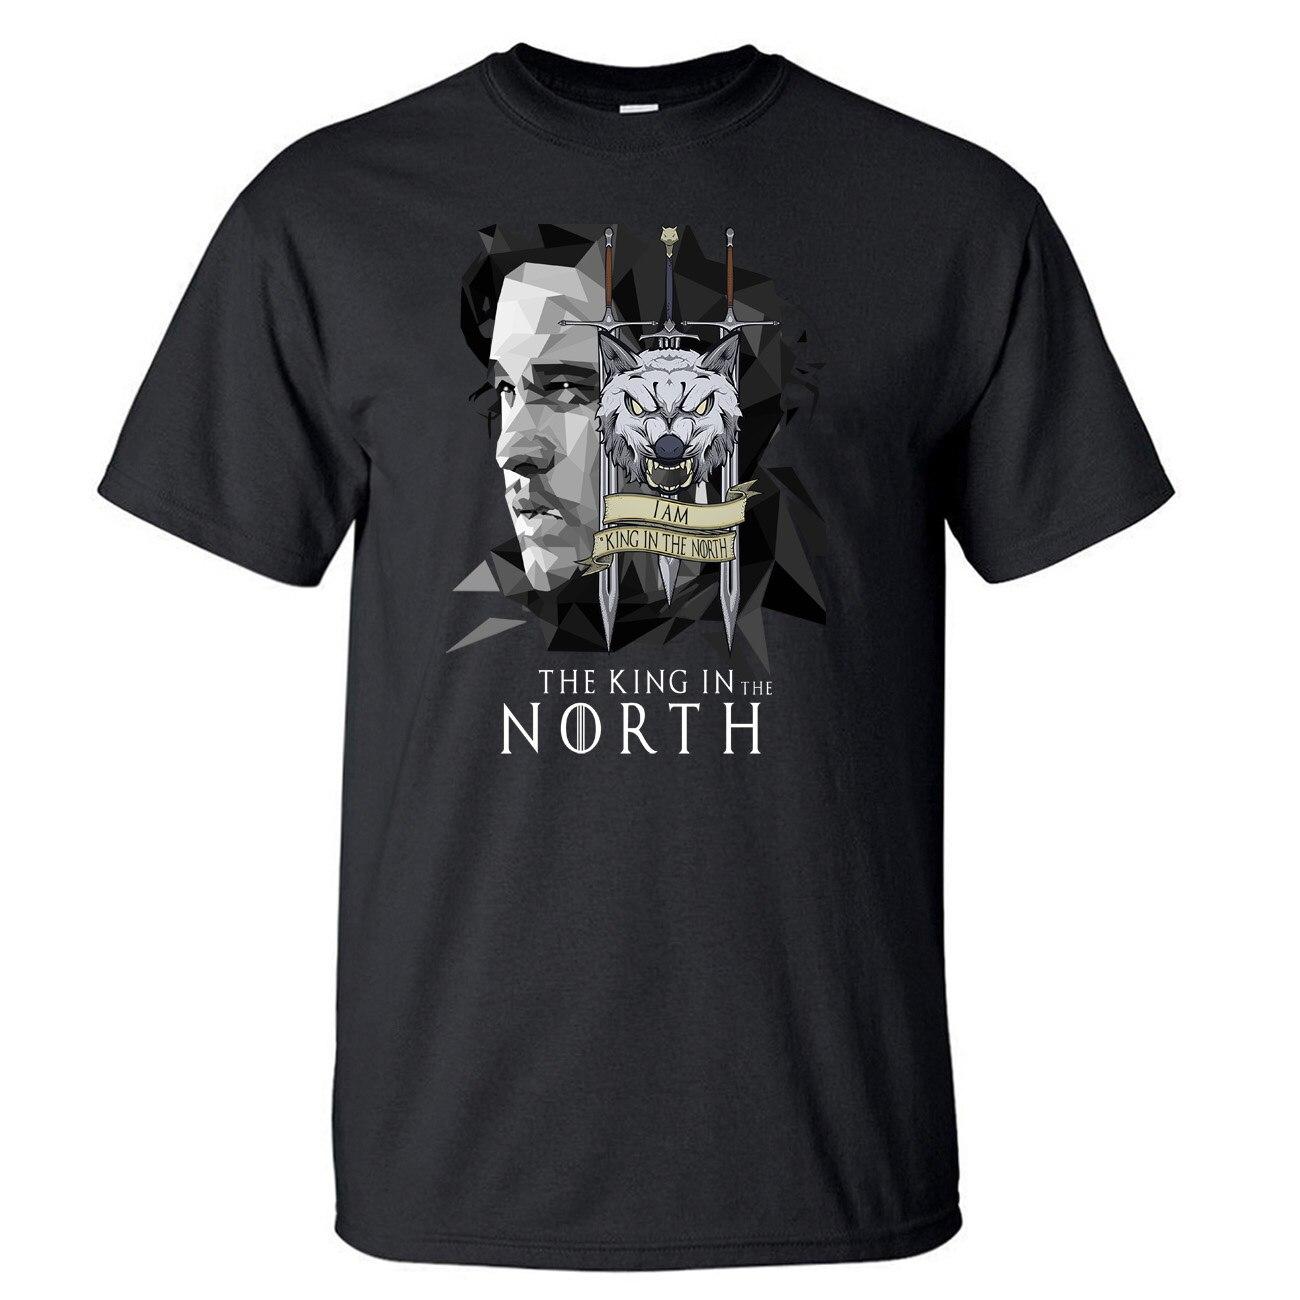 Juego de tronos Jon nieve camiseta hombres casa Stark rey en el norte camiseta verano algodón manga corta Lobo negro camiseta